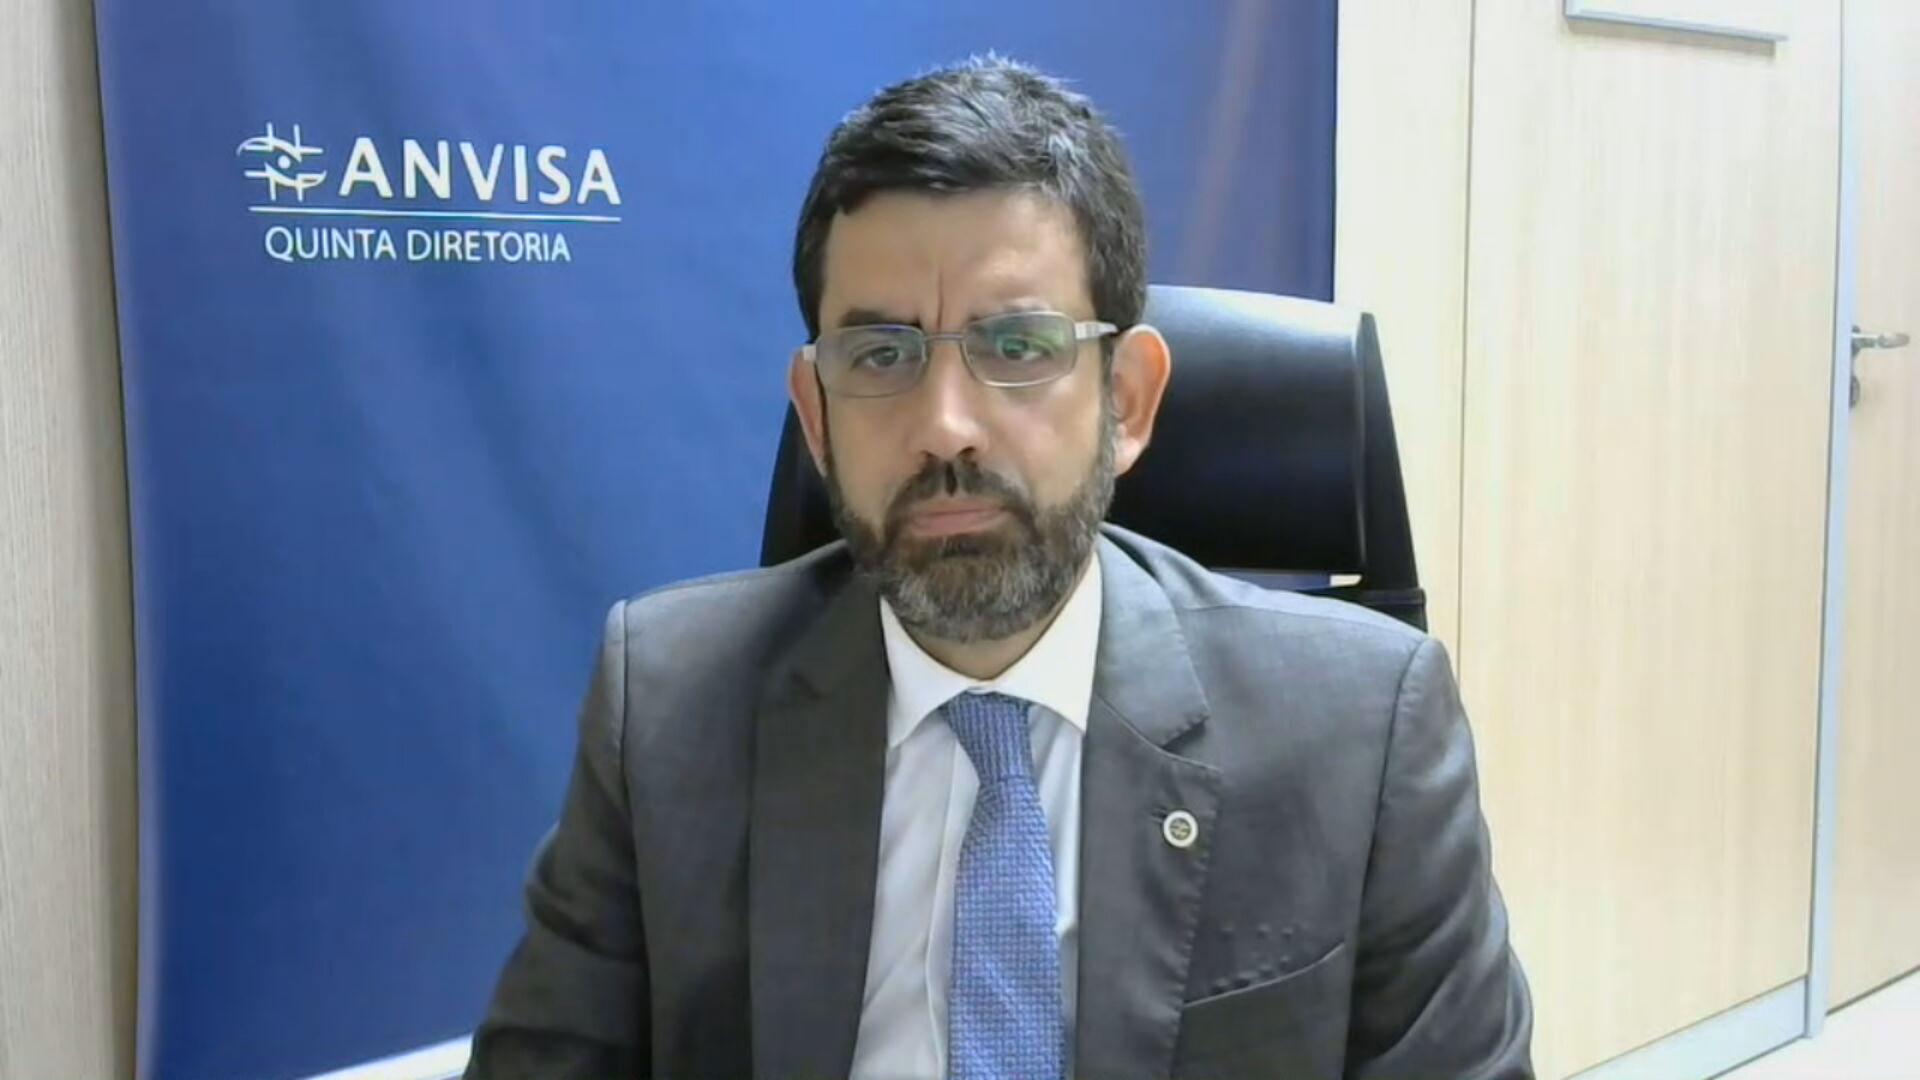 O diretor da Anvisa Alex Machado Campos em entrevista à CNN